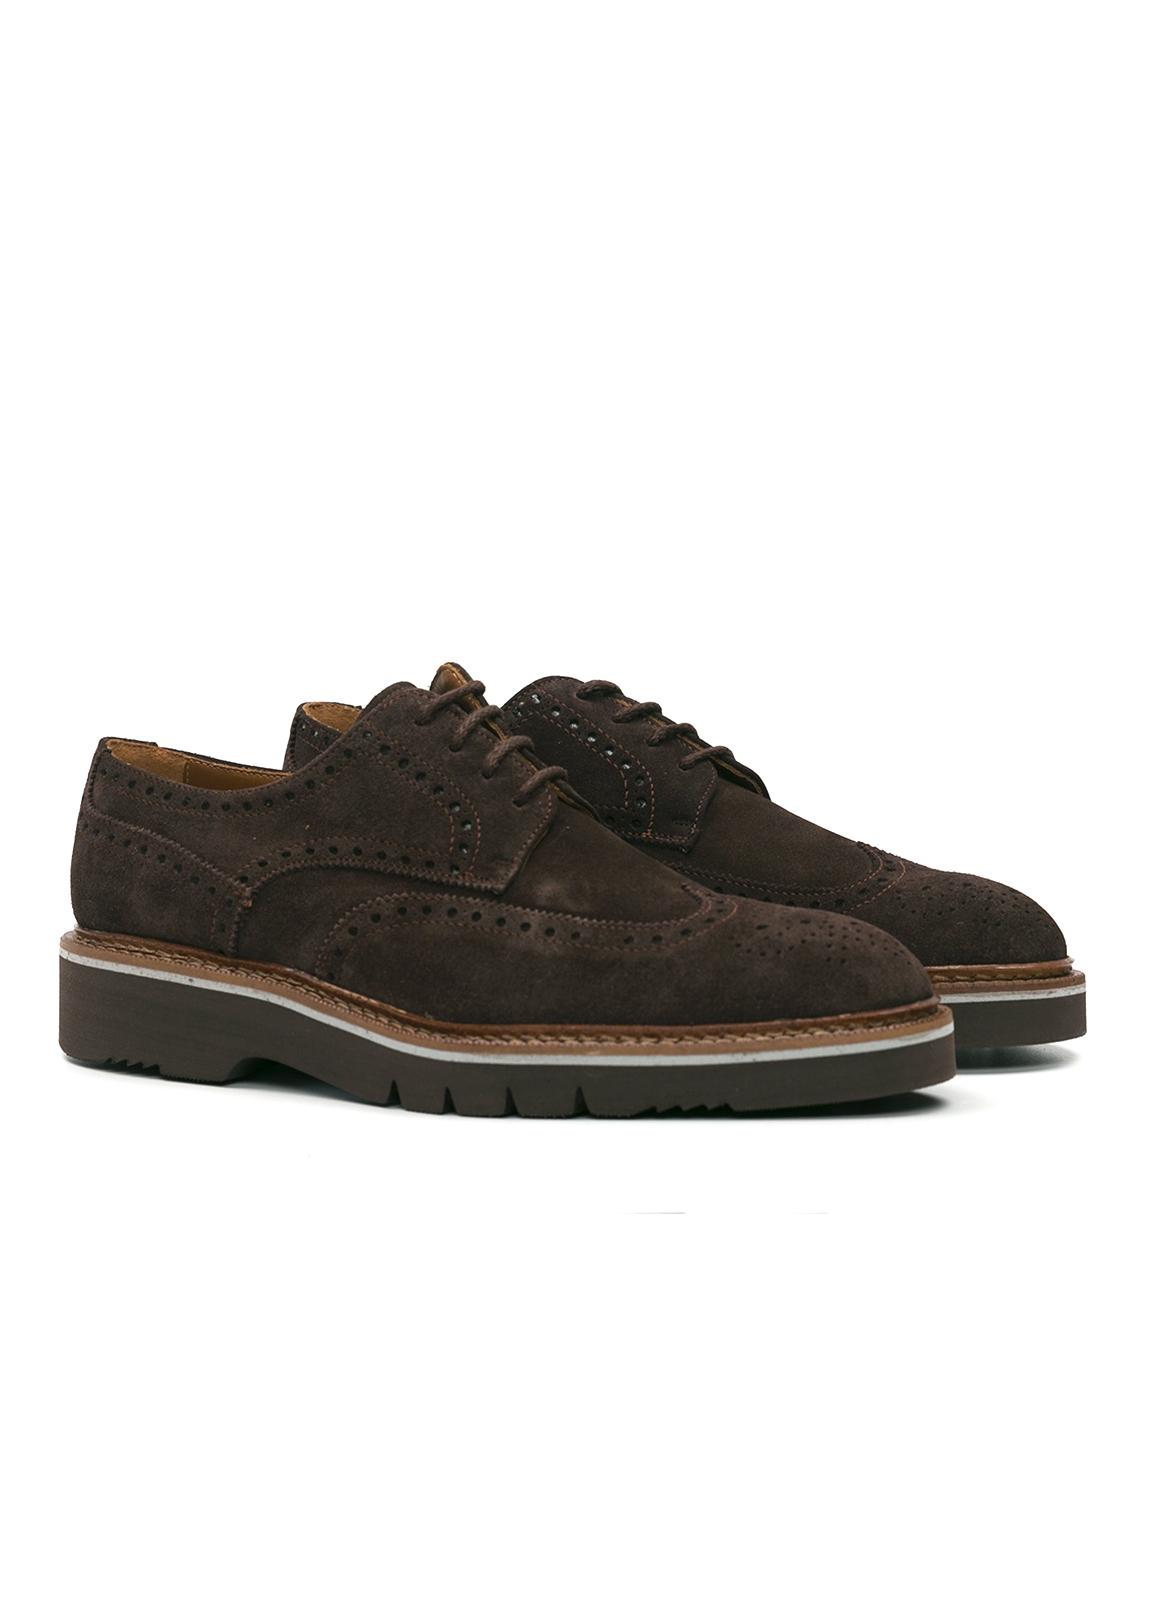 Zapato Sport Wear ante color marrón oscuro con detalles troquelados, 100% Piel. - Ítem4